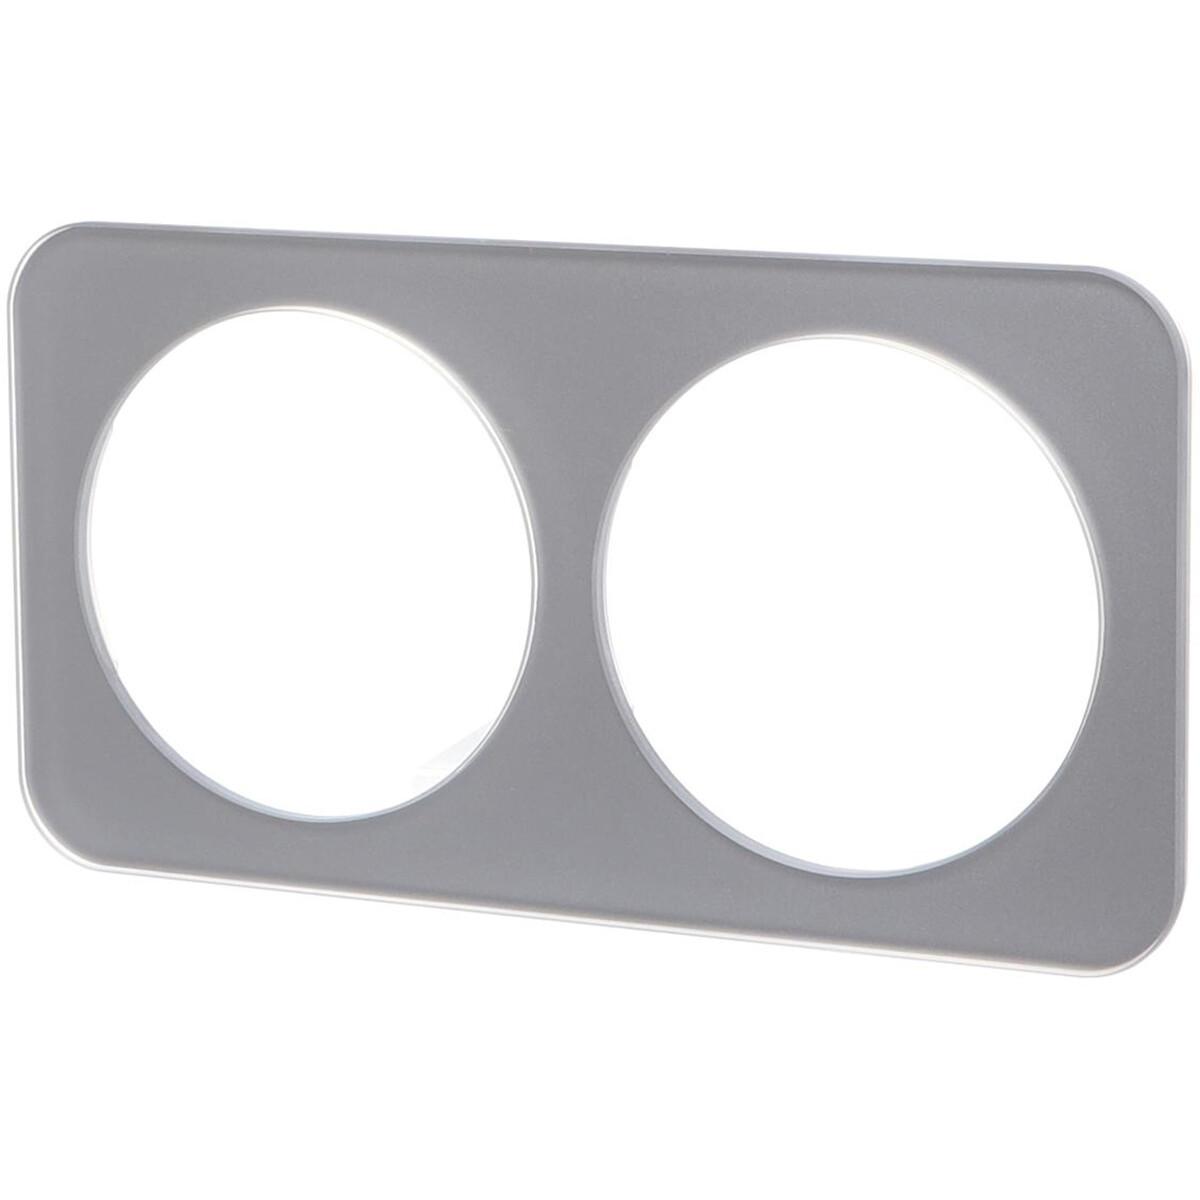 Afdekraam - Aigi Jura - 2-voudig - Rond - Glas - Zilver